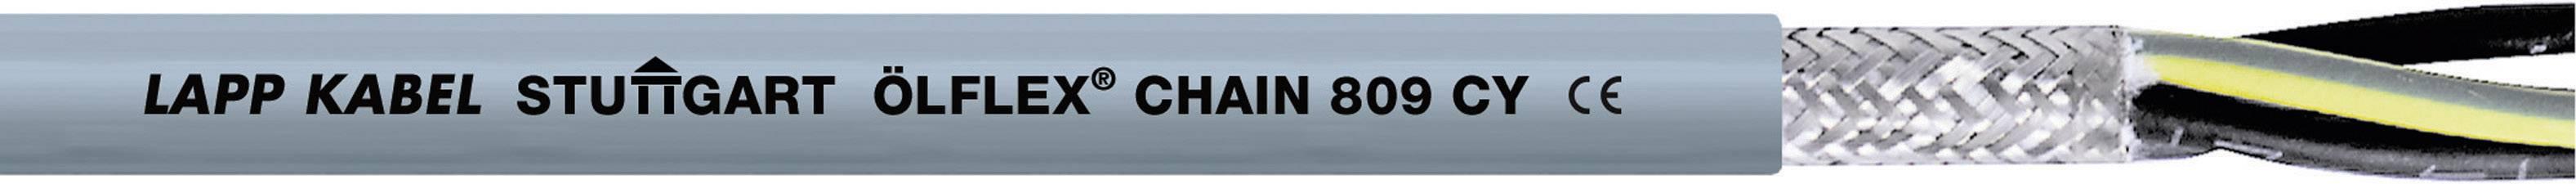 Žíla kabelu LappKabel ÖLFLEX CHAIN 809 CY 18G1,5 (1026781), 18x 1,5 mm², PVC, Ø 15,7 mm, stíněný, 50 m, šedá